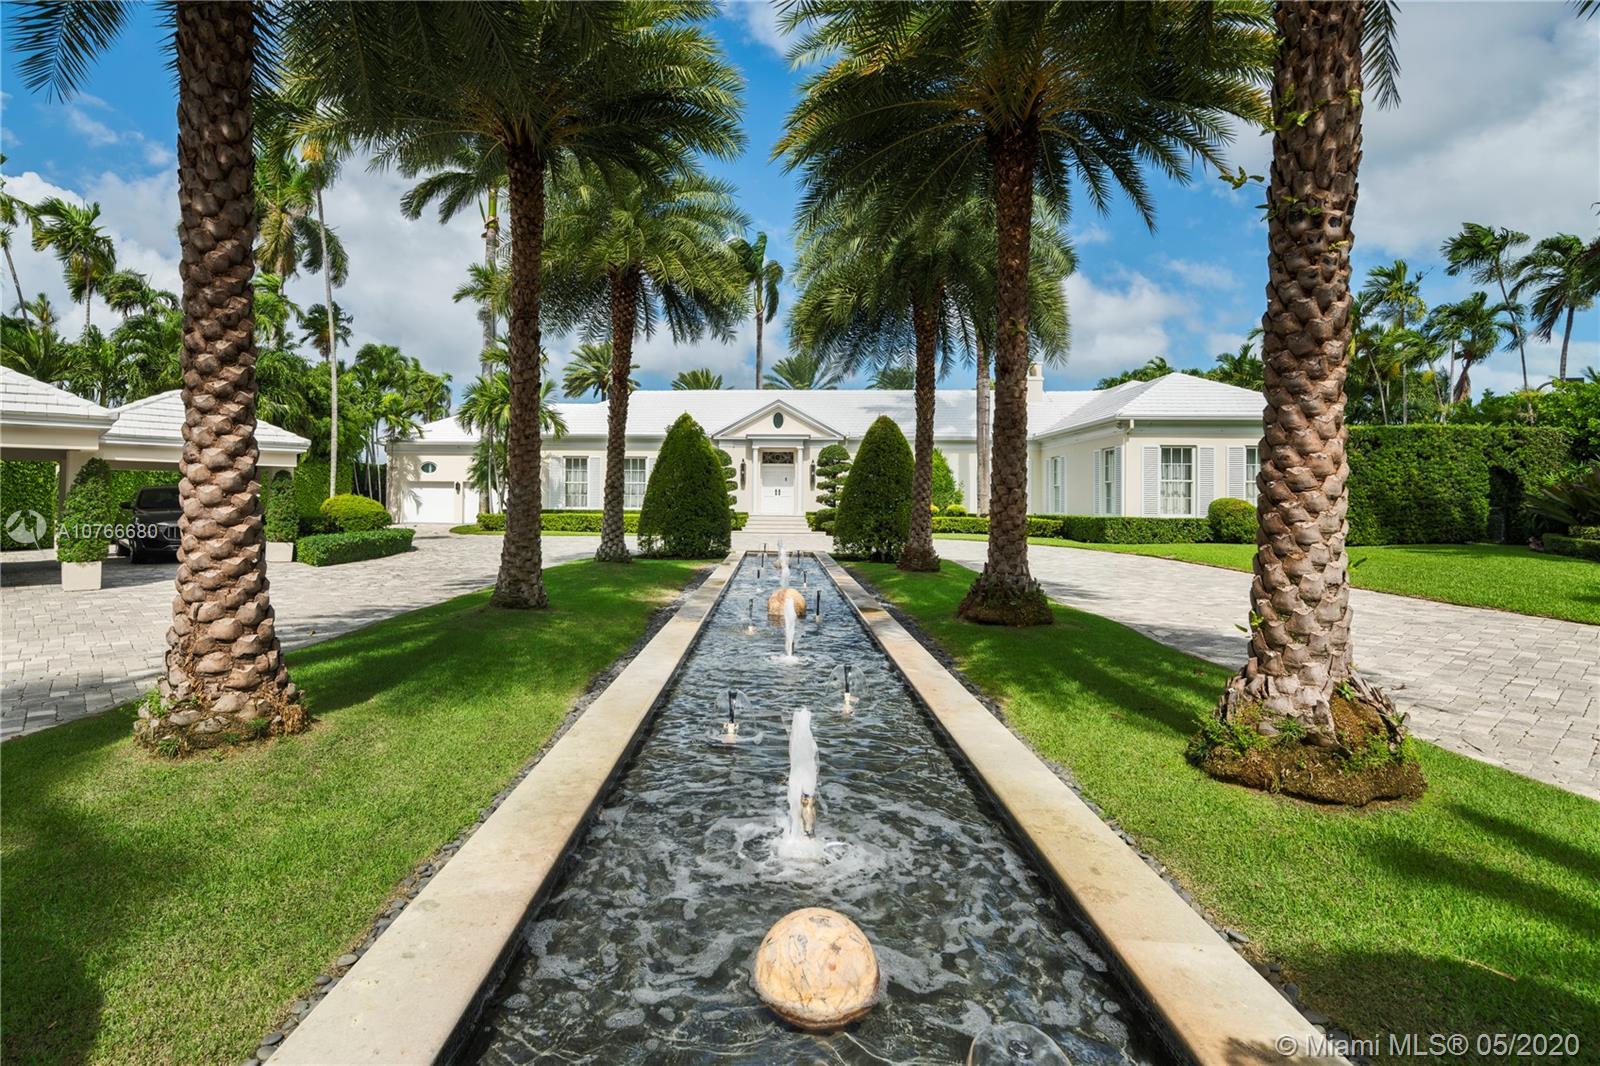 1525 N View Dr, Miami Beach, FL 33140